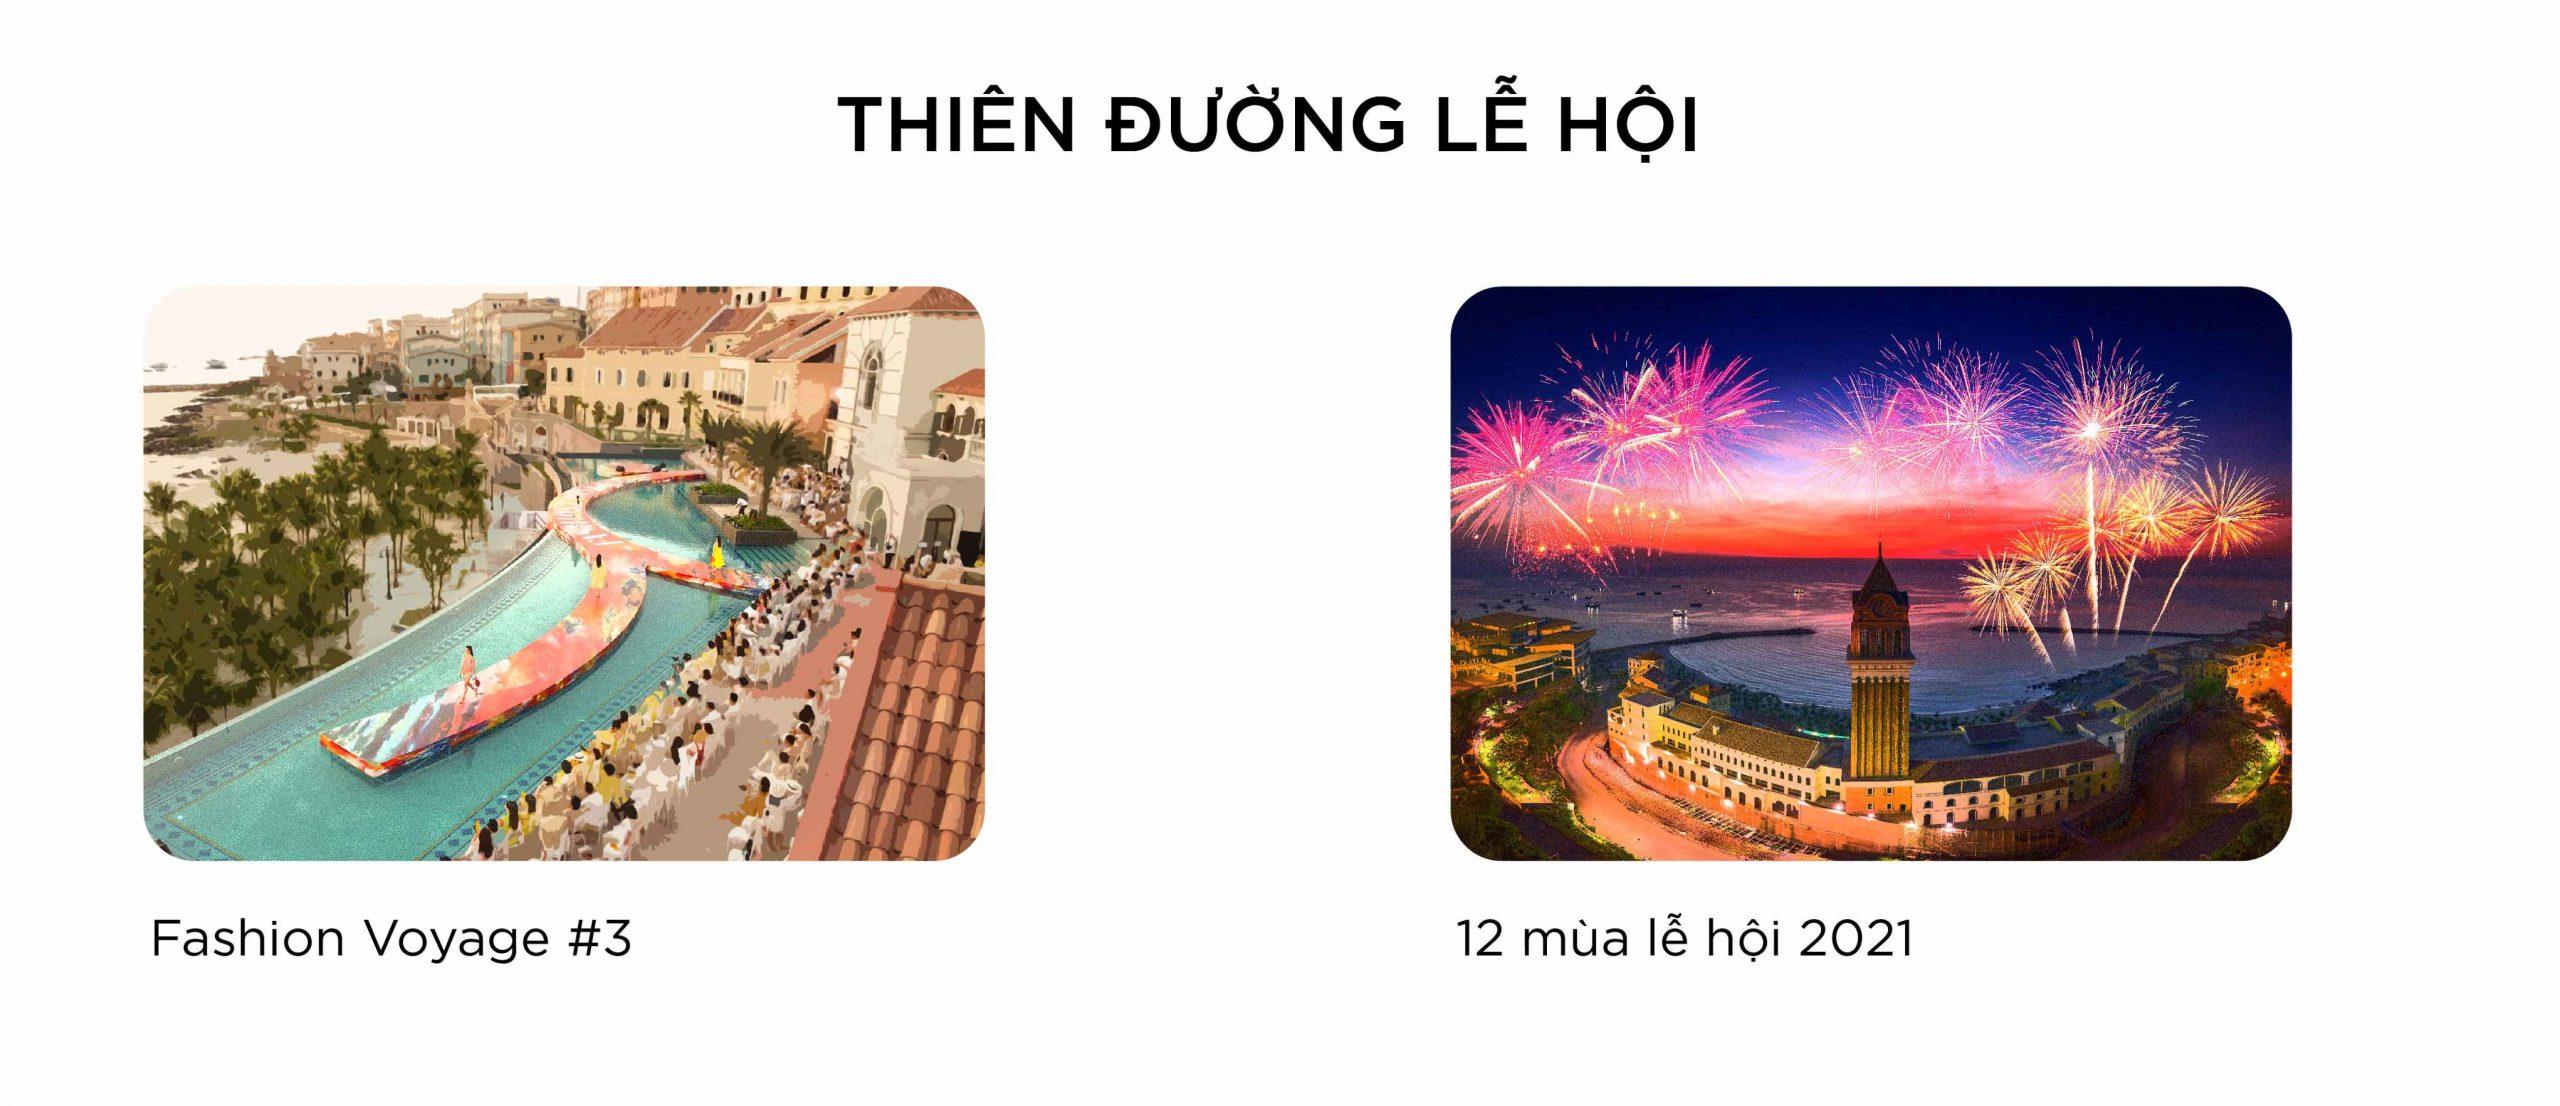 Phú Quốc 12 mùa lễ hội quanh năm phong phú các chủ đề âm nhạc, thời trang, ẩm thực..